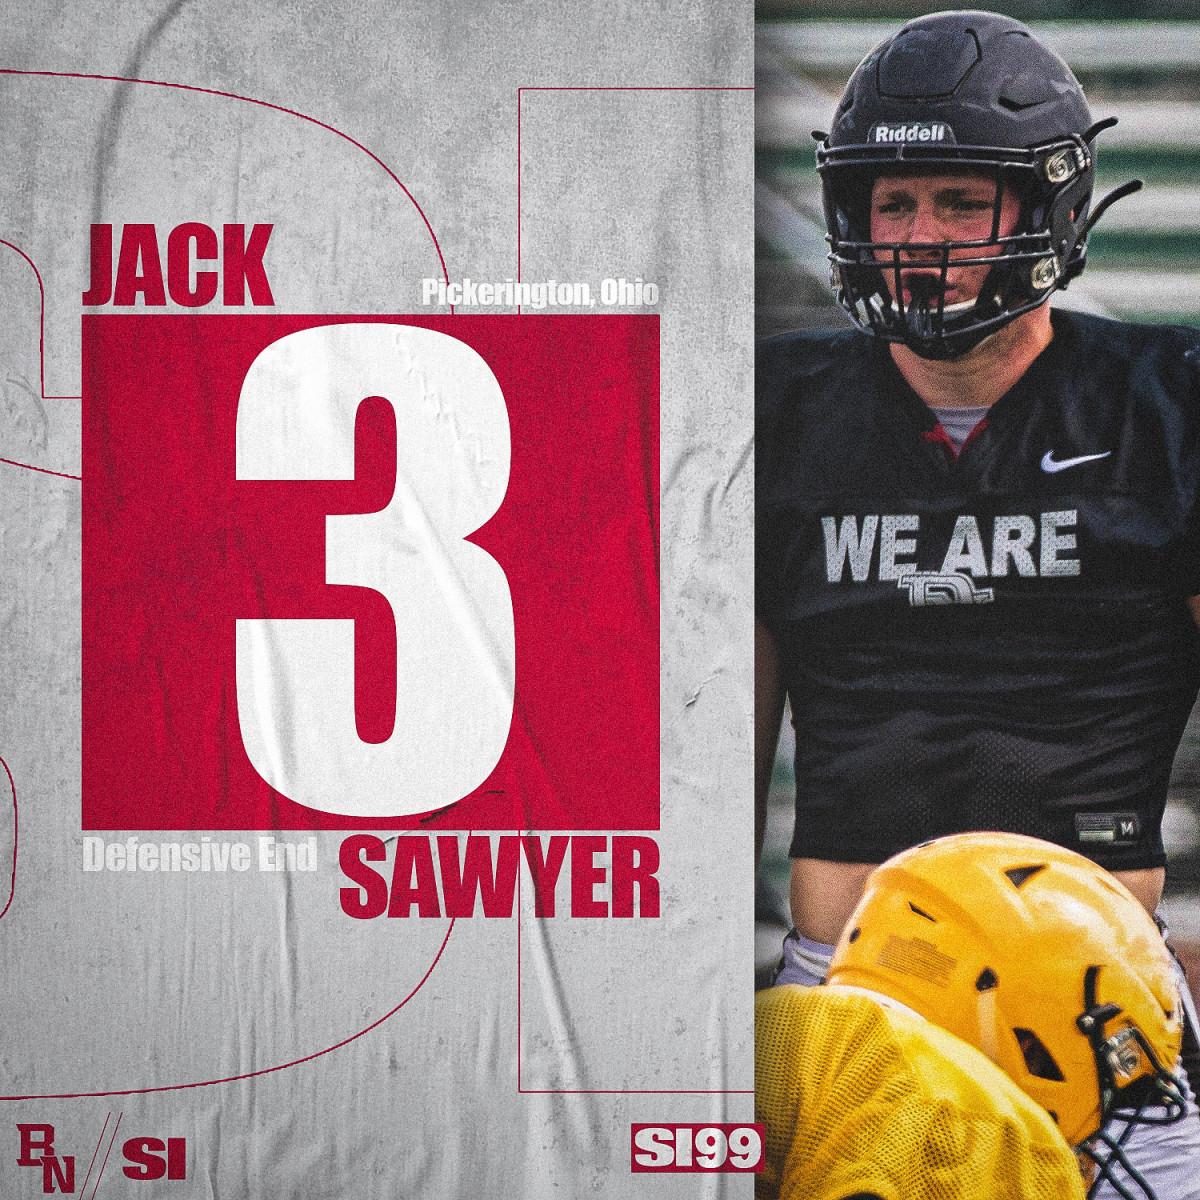 Jack_Sawyer